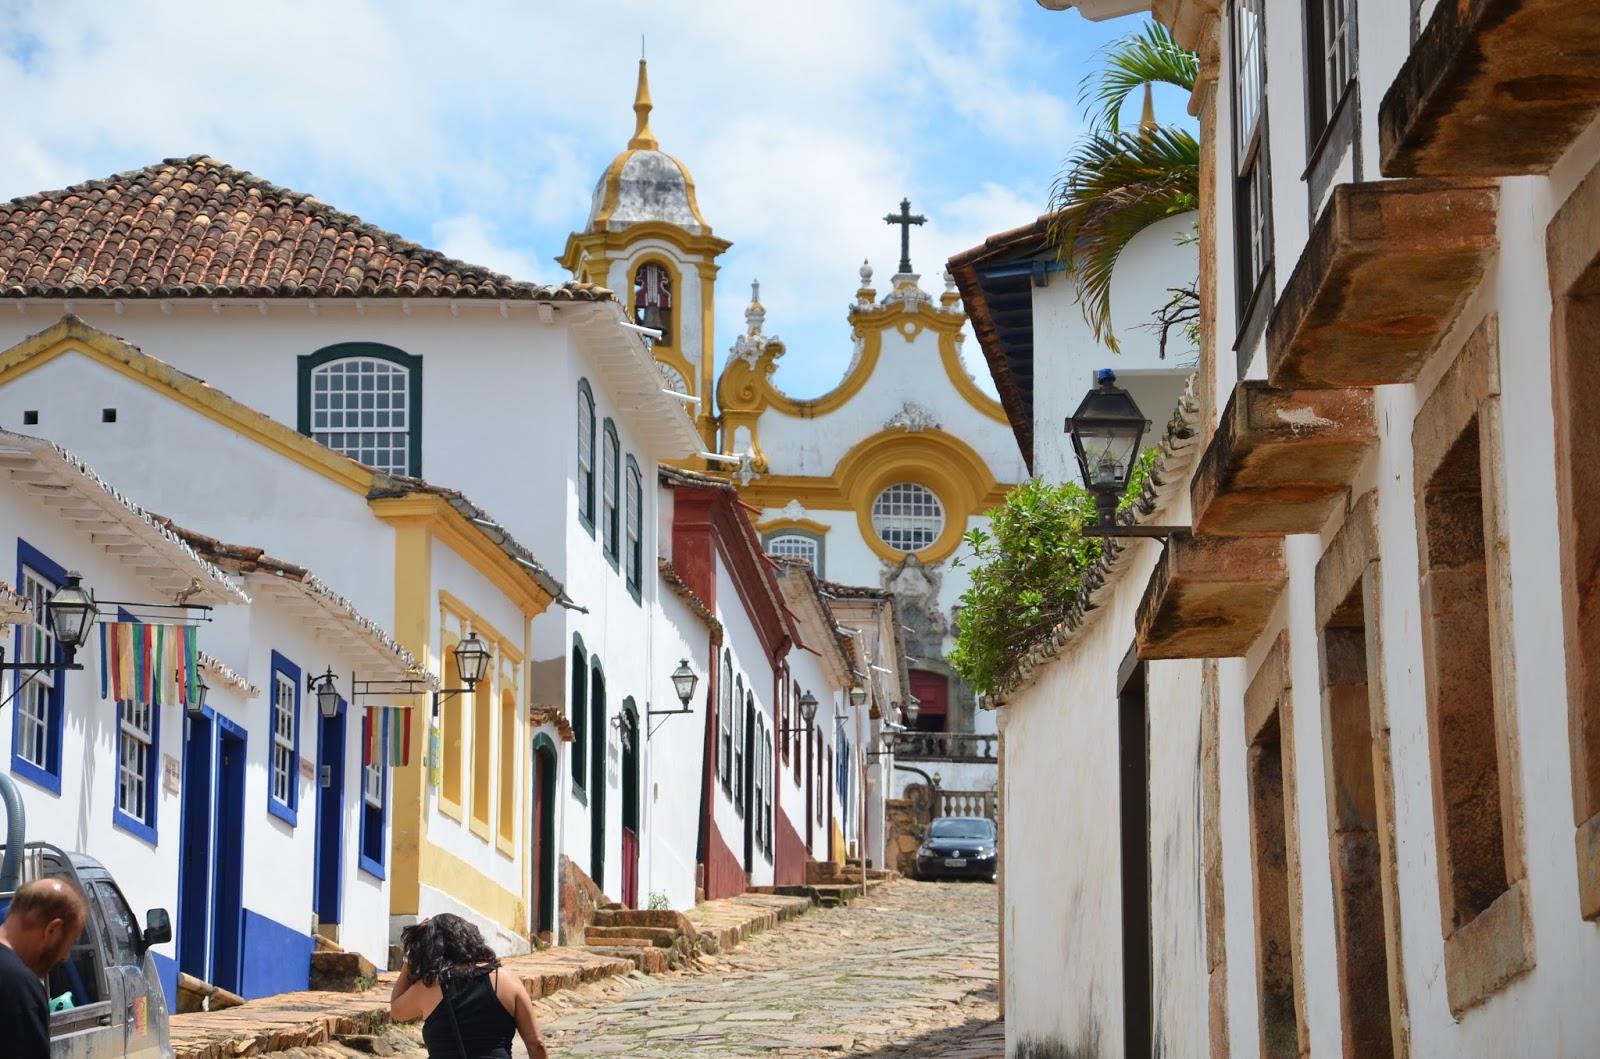 Tiradentes tem um dos mais belos conjuntos arquitetônicos de Minas